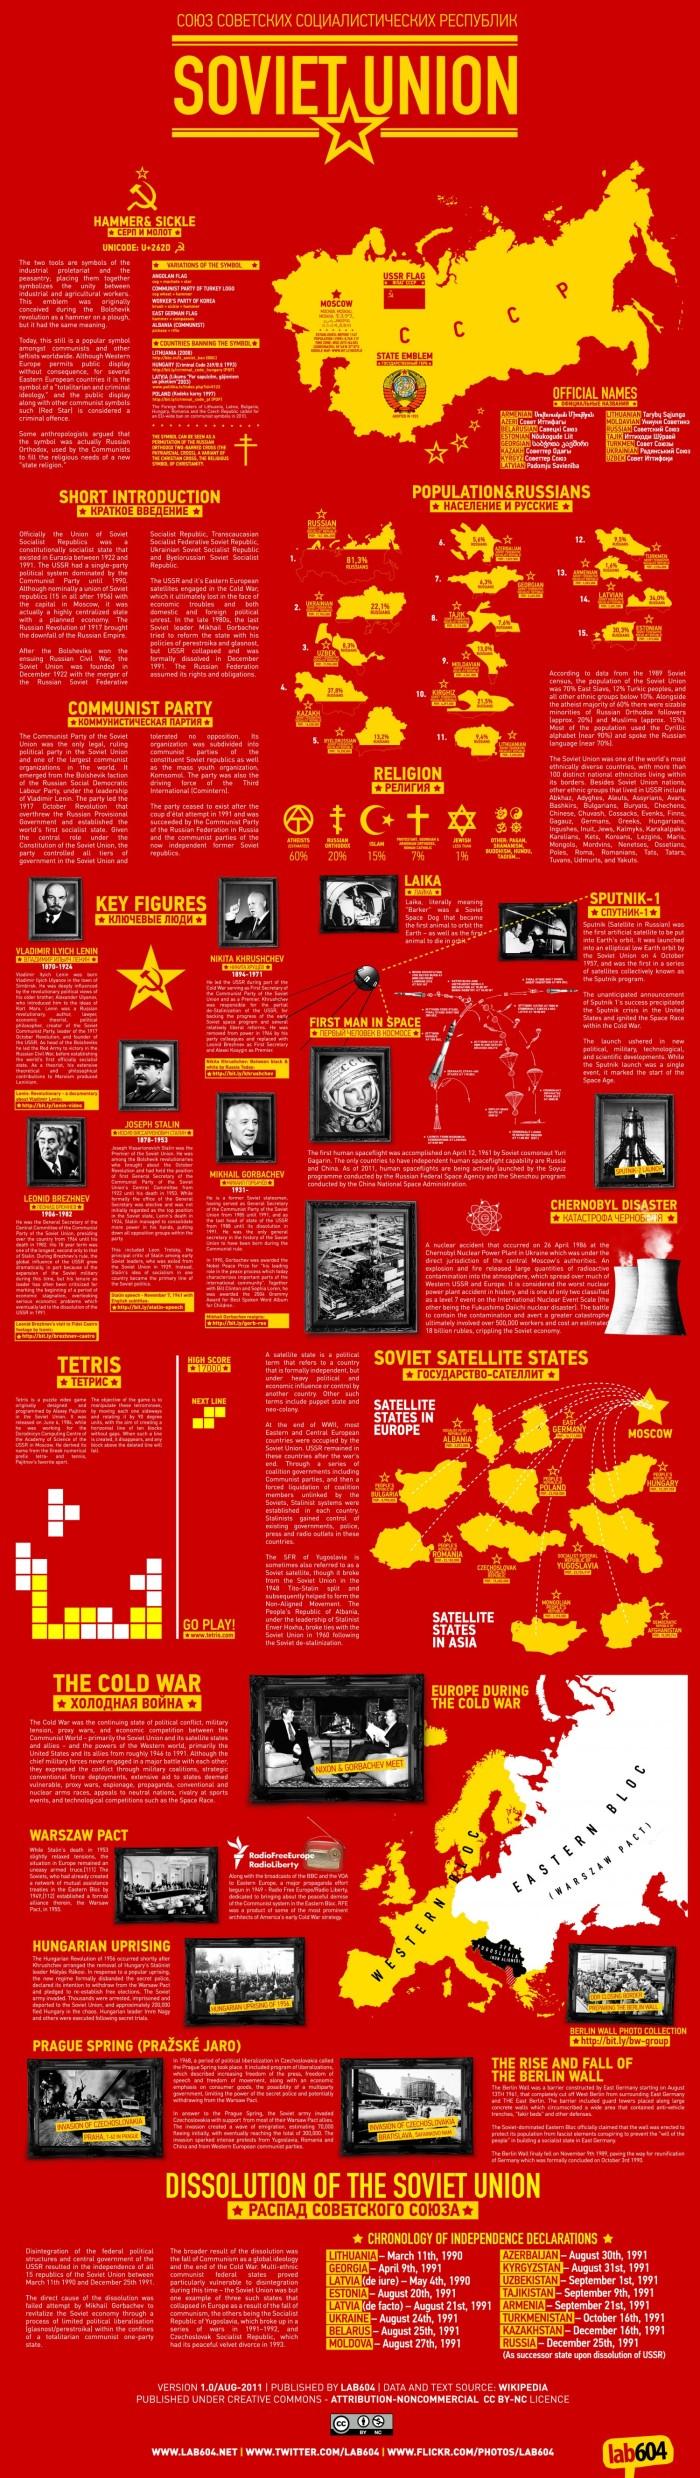 soviet-union